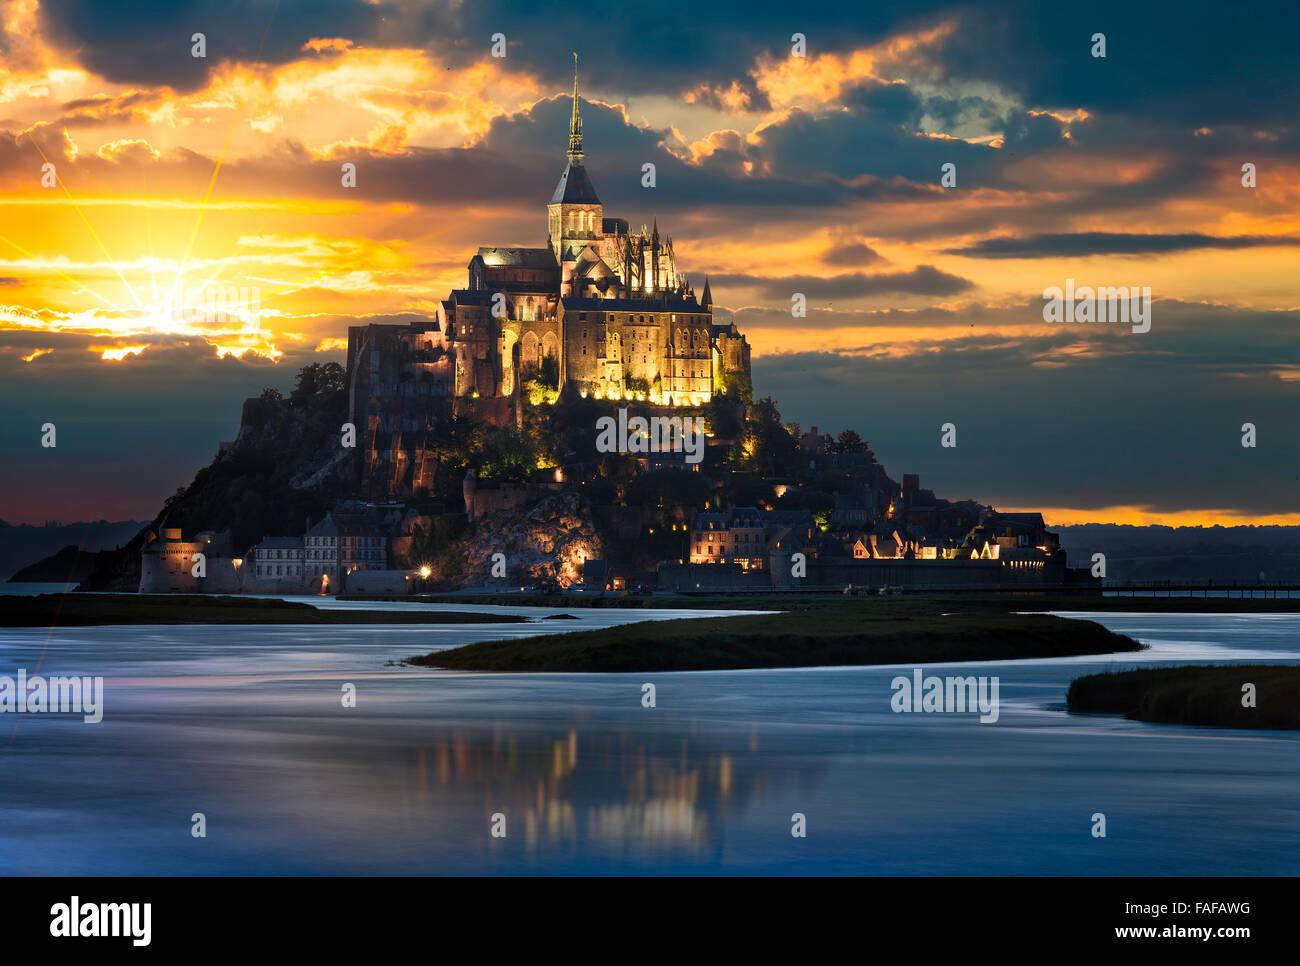 Le Mont-Saint-Michel al atardecer, Normandía, Bretaña, Francia, Europa Imagen De Stock